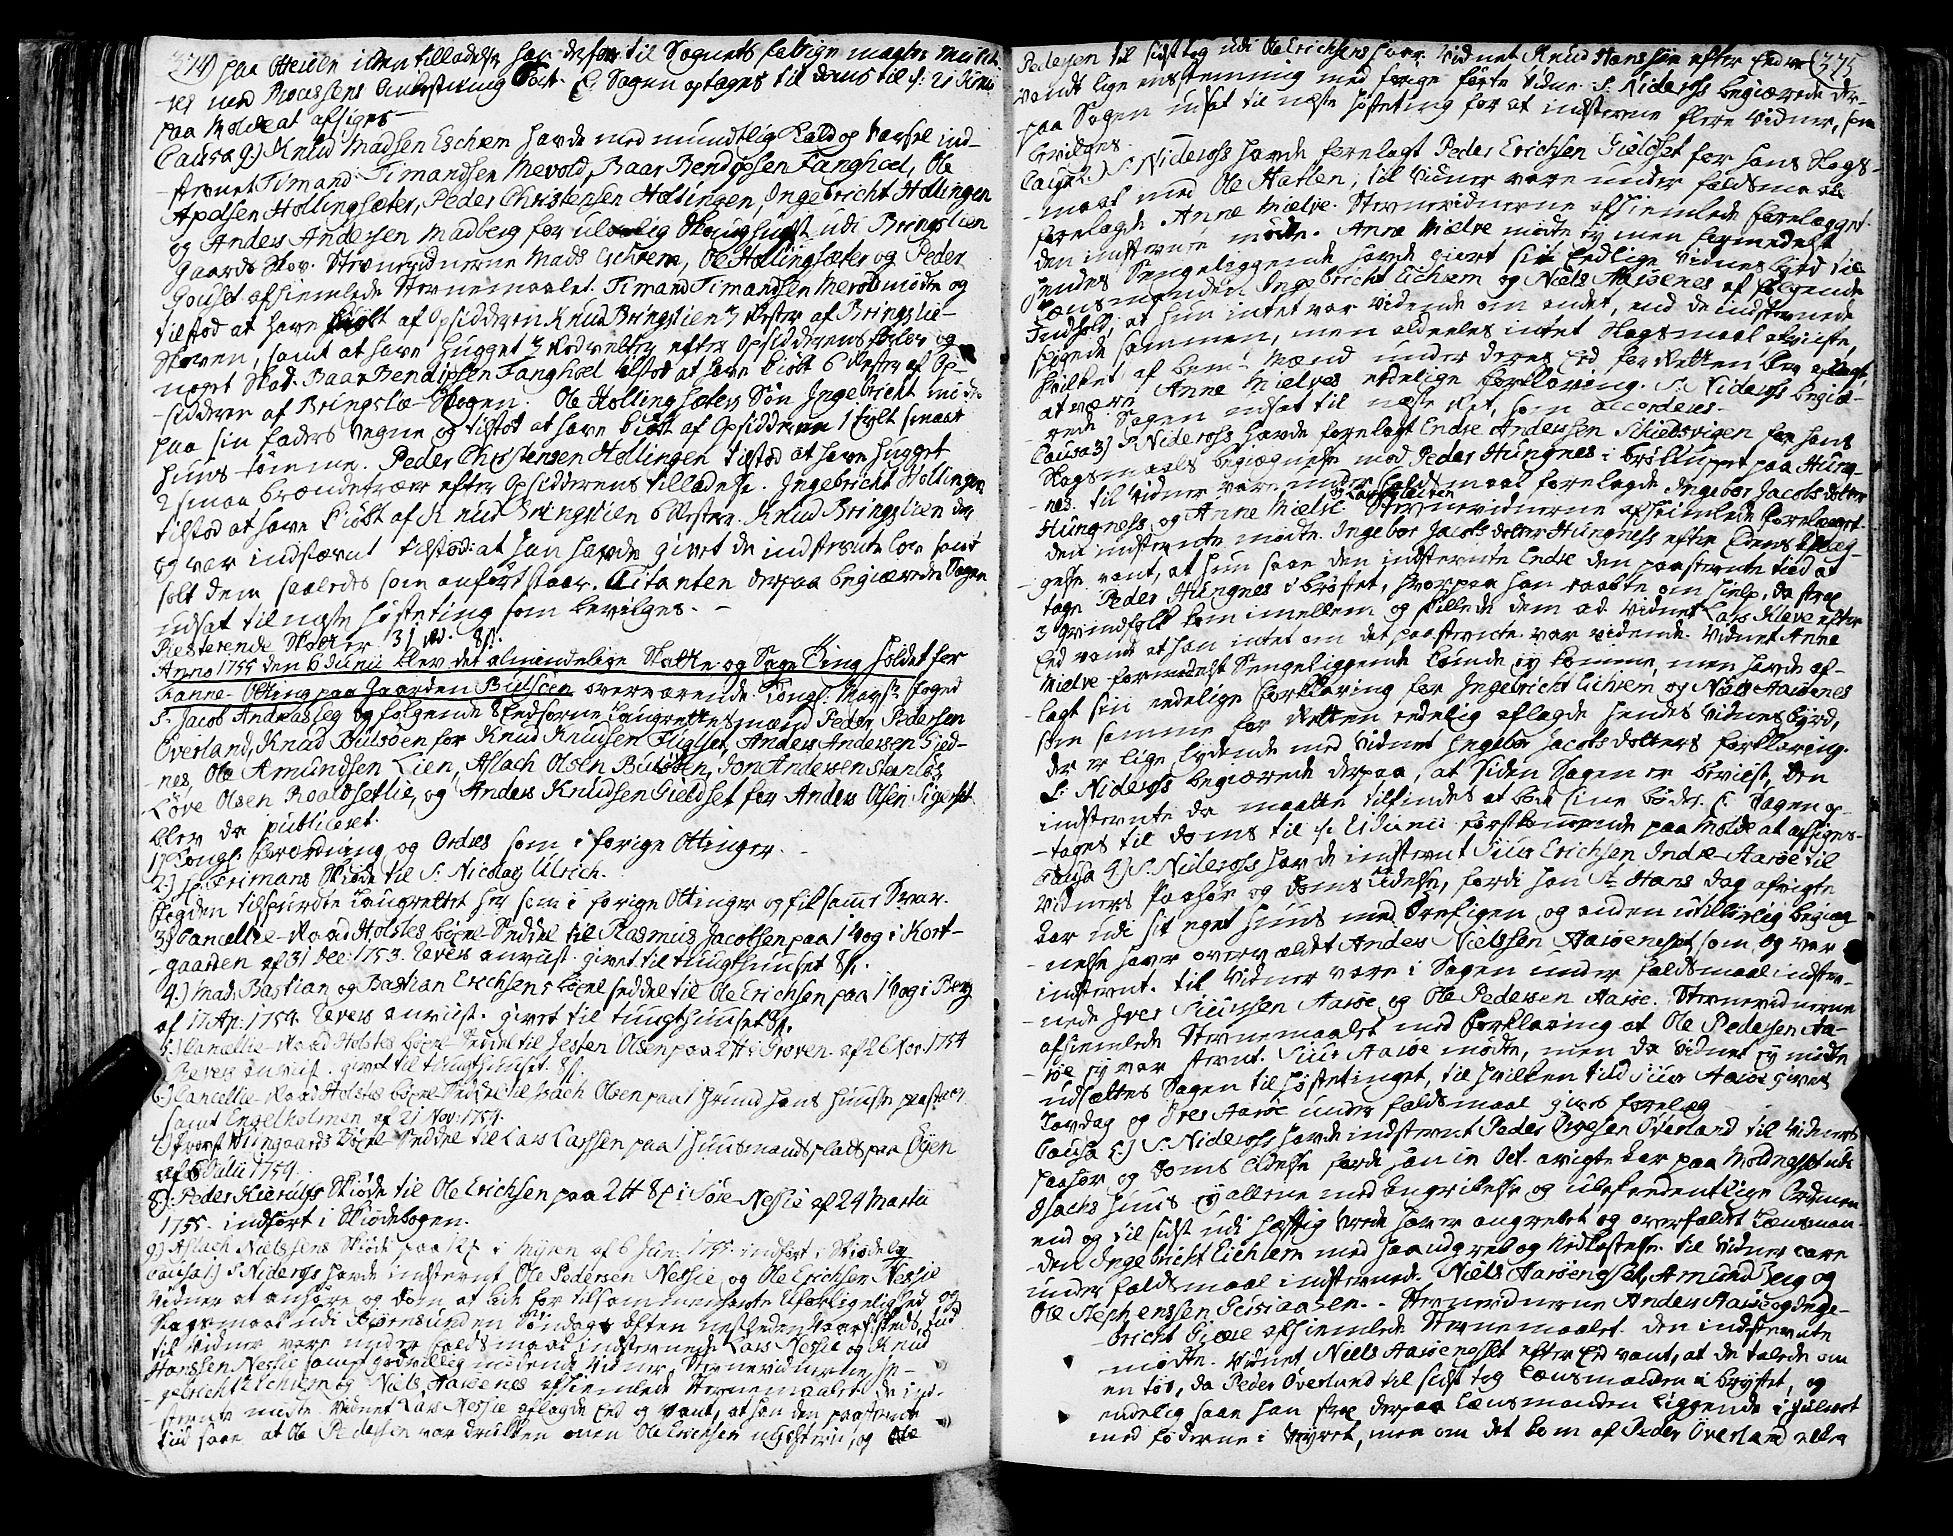 SAT, Romsdal sorenskriveri, 1/1A/L0013: Tingbok, 1749-1757, s. 374-375